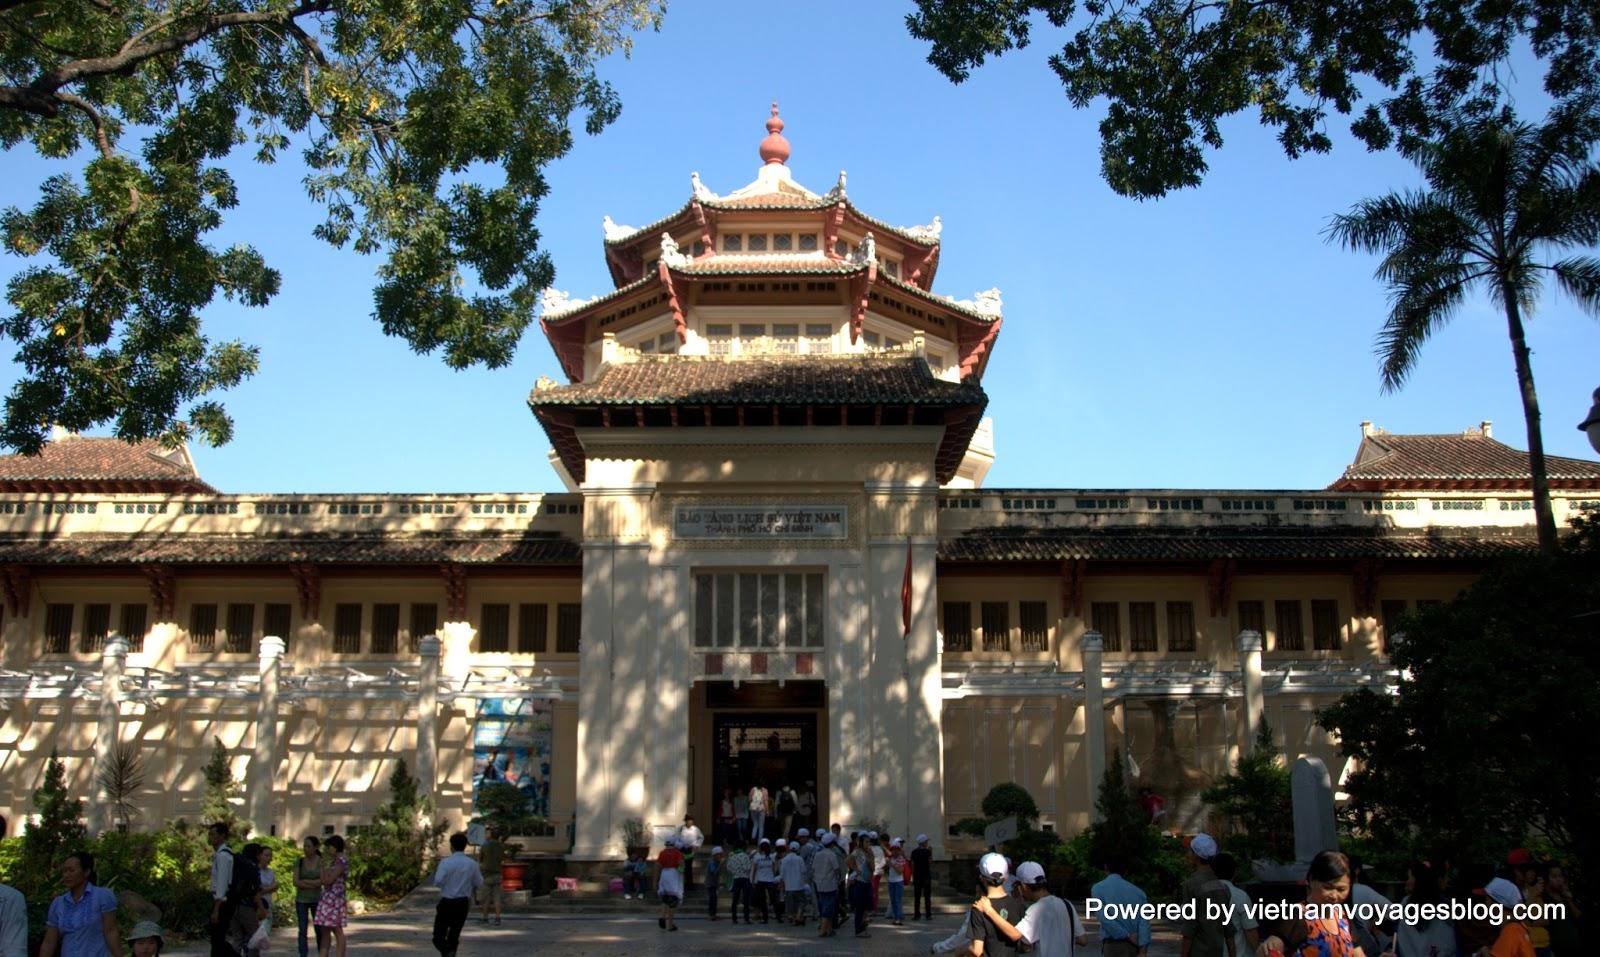 Bảo tàng lịch sử ở Thảo Cầm Viên